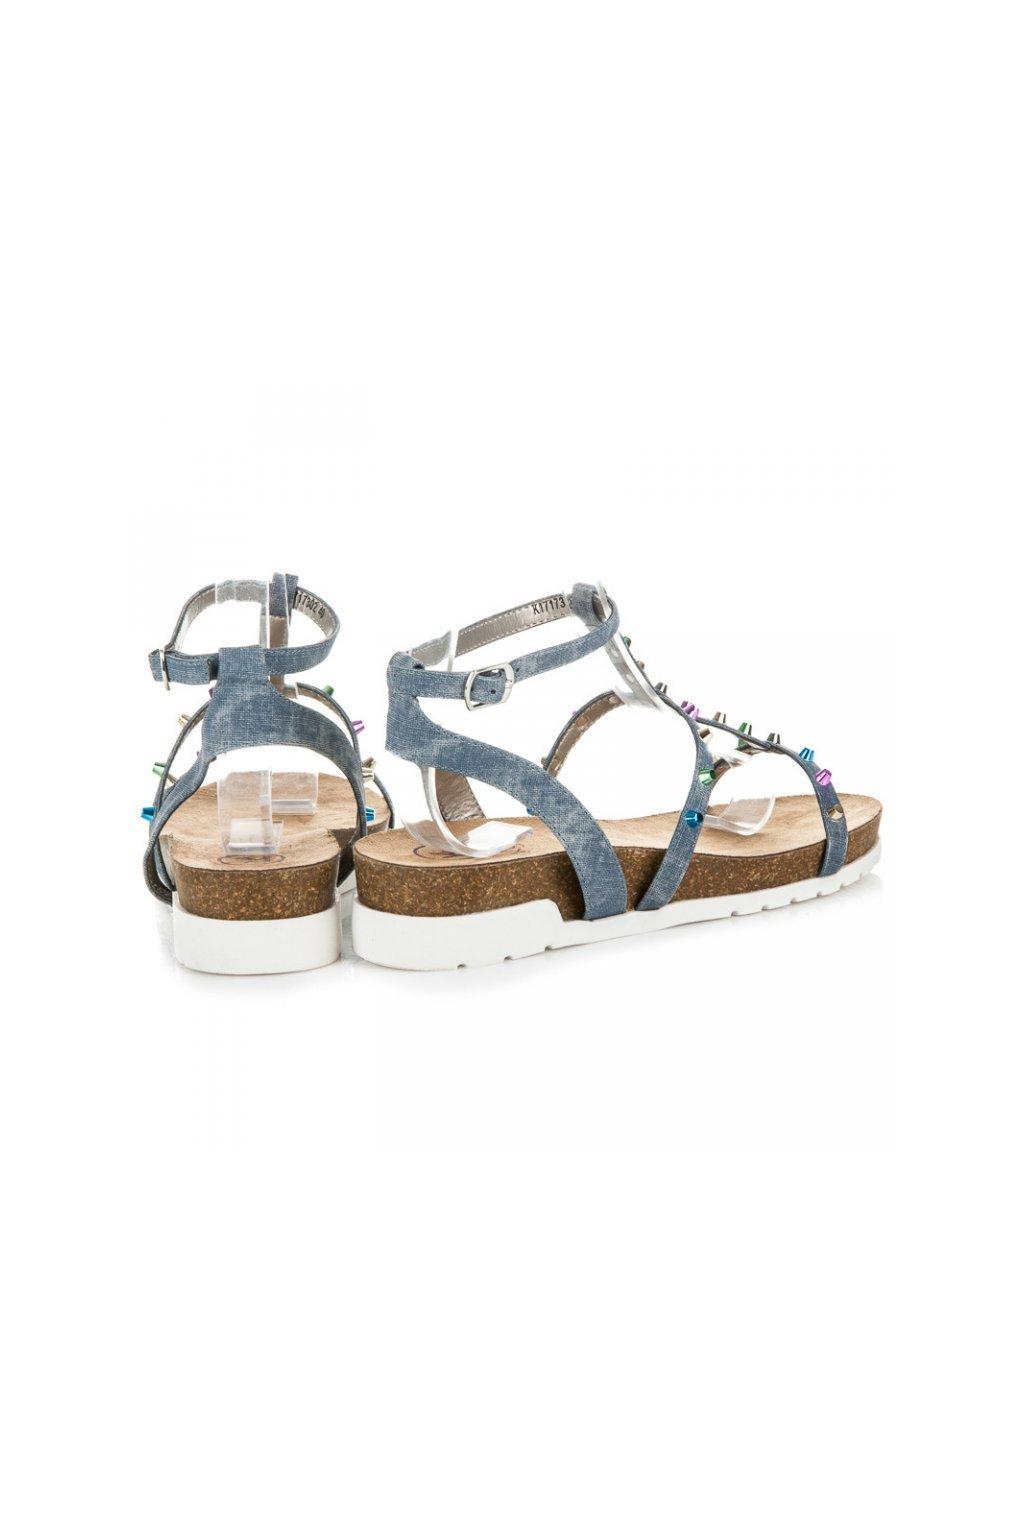 4a1ac808a28a17ad10547b8fe712d88f Dámske sandále KYLIE K1717302JE Dámske  sandále KYLIE K1717302JE Dámske sandále KYLIE K1717302JE 9397b52438b